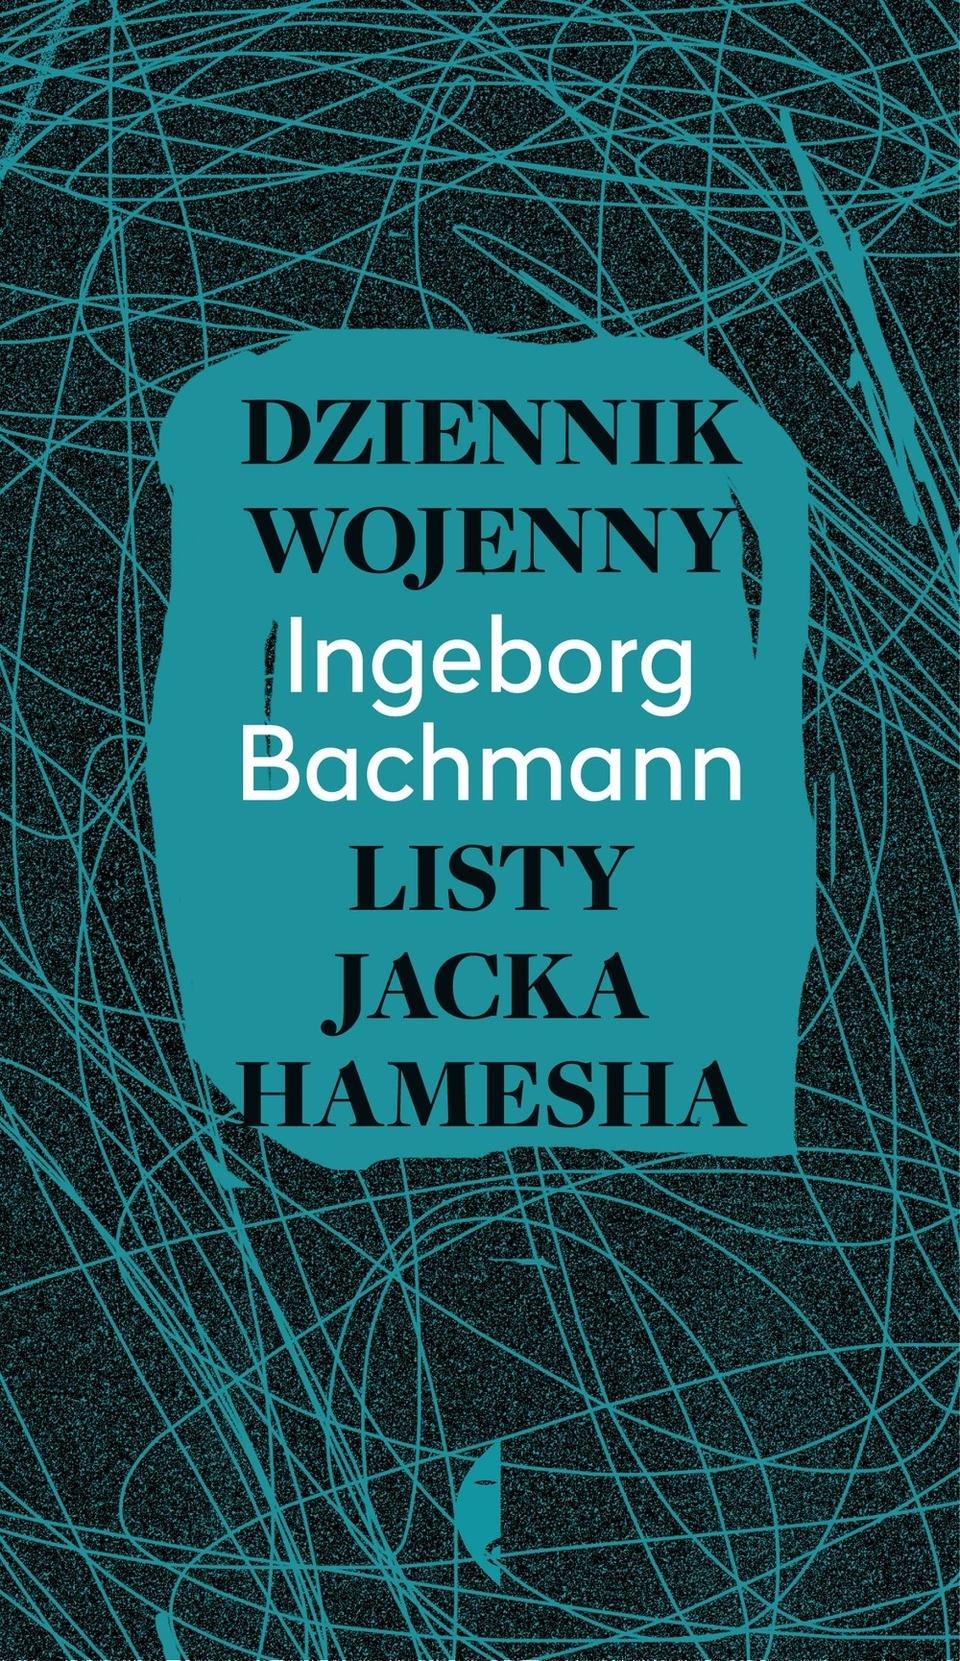 Dziennik wojenny. Listy Jacka Hamesha